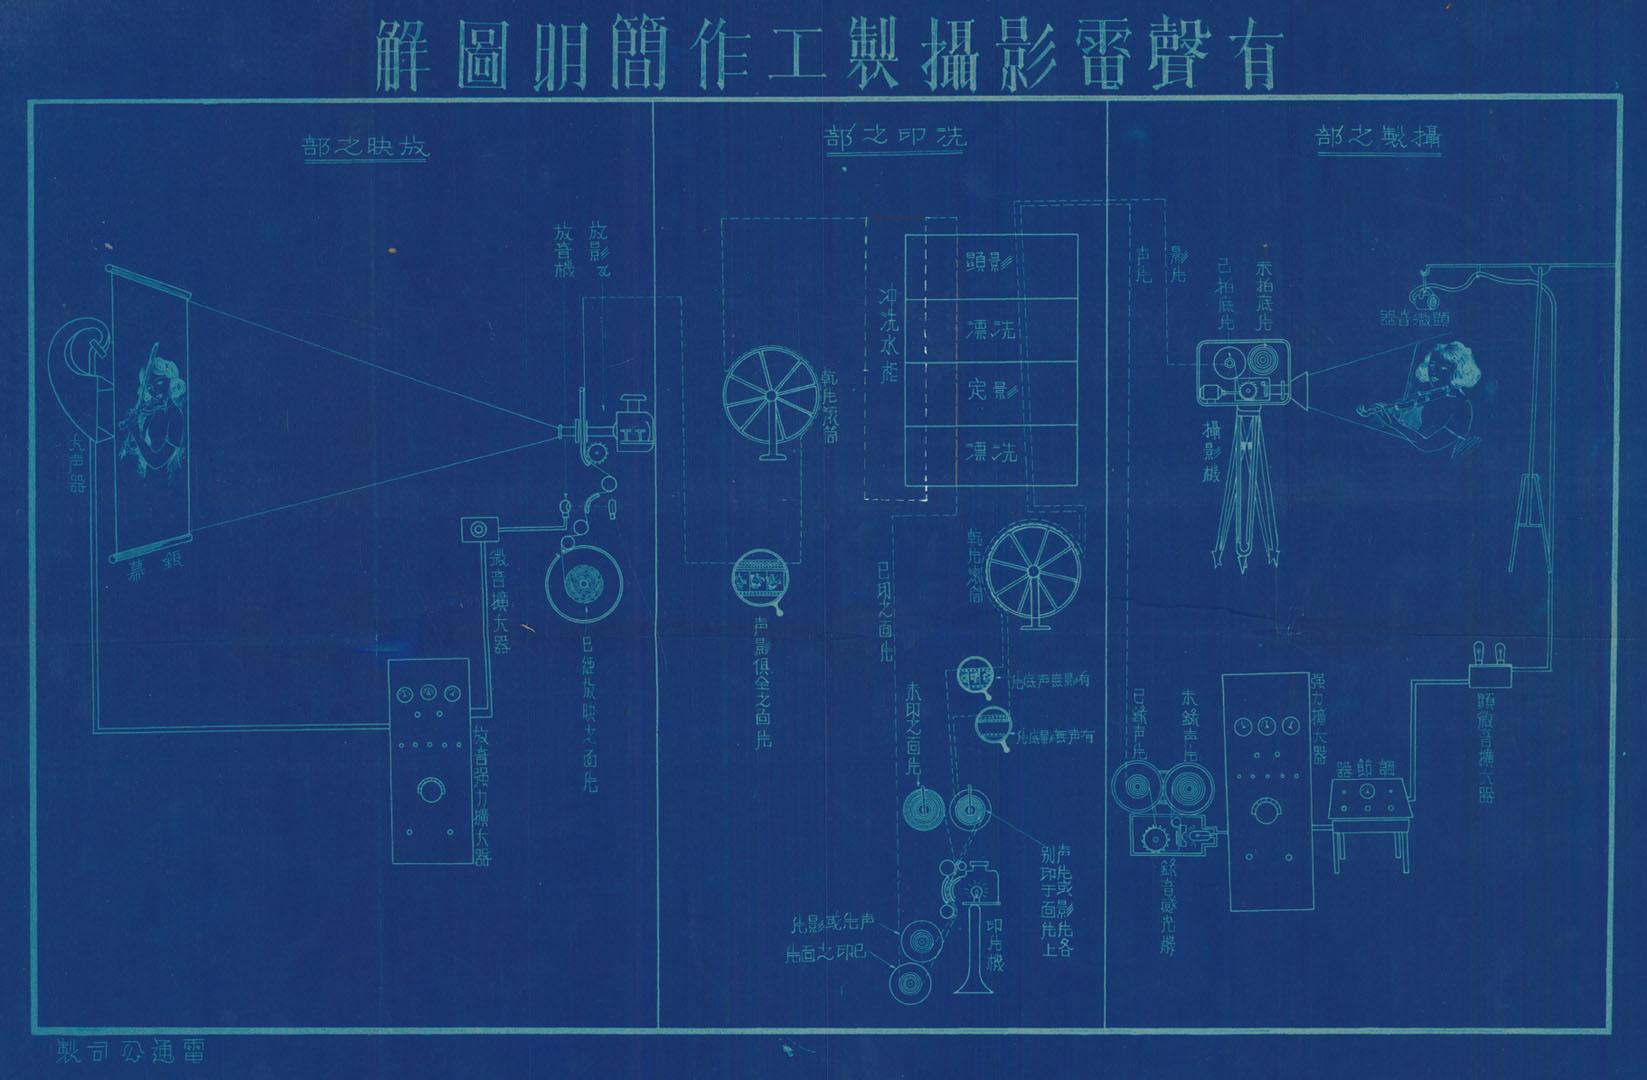 1930年代有聲電影攝製工作簡明圖解(《實業部》,館藏號:17-22-058-03,頁31。)